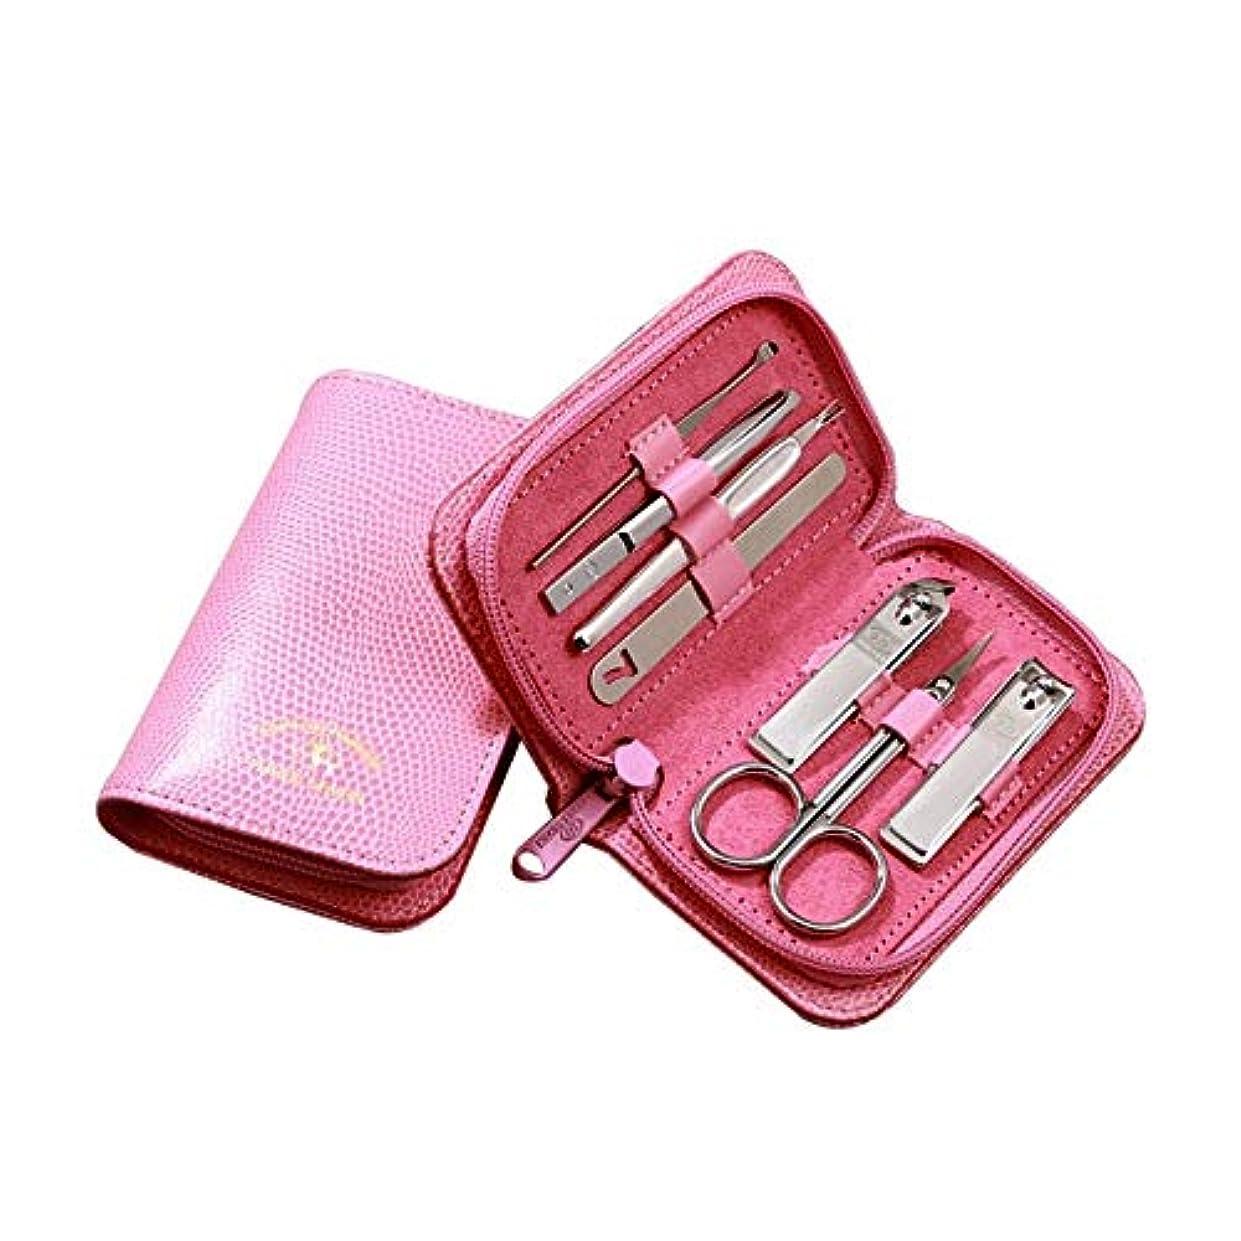 役に立たない永遠の租界ZGSH 多機能ネイルクリッパーセット、7ピースマニキュアネイルツール、シャープで耐久性のあるステンレススチール素材 (Color : Pink)